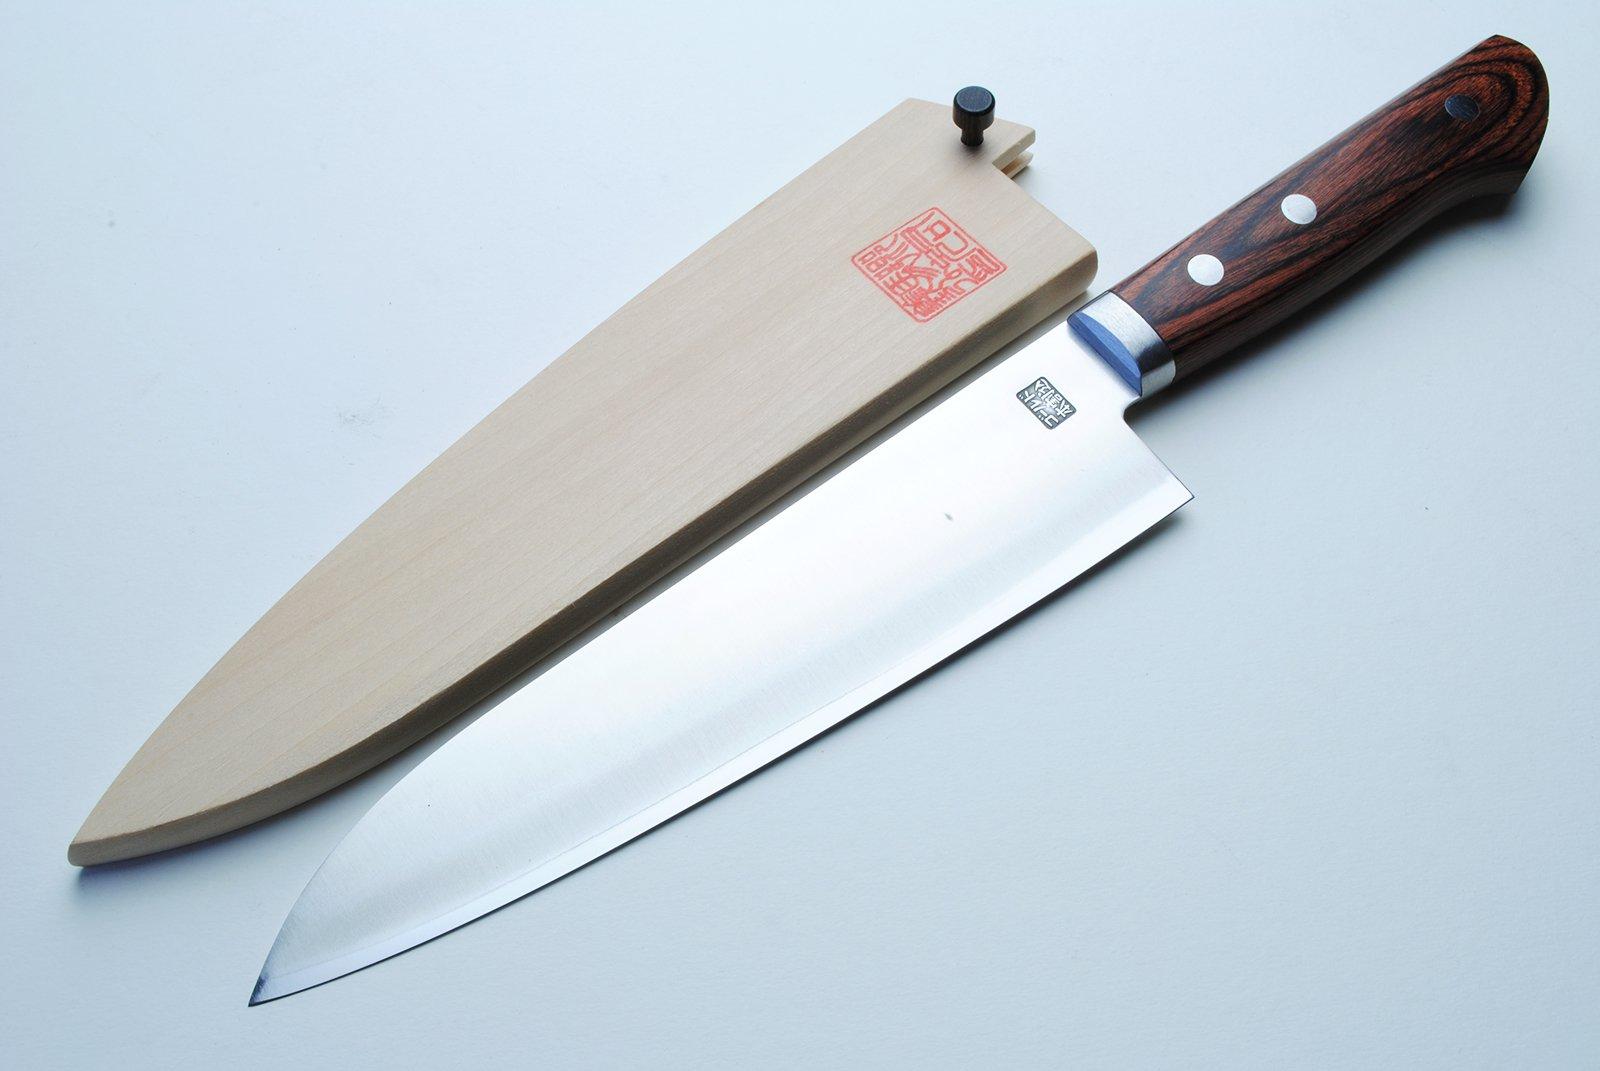 Yoshihiro VG-1 Gold Stainless Steel Gyuto Japanese Chef Knife 7'' (180mm) Magnolia Wood Saya Cover by Yoshihiro (Image #3)